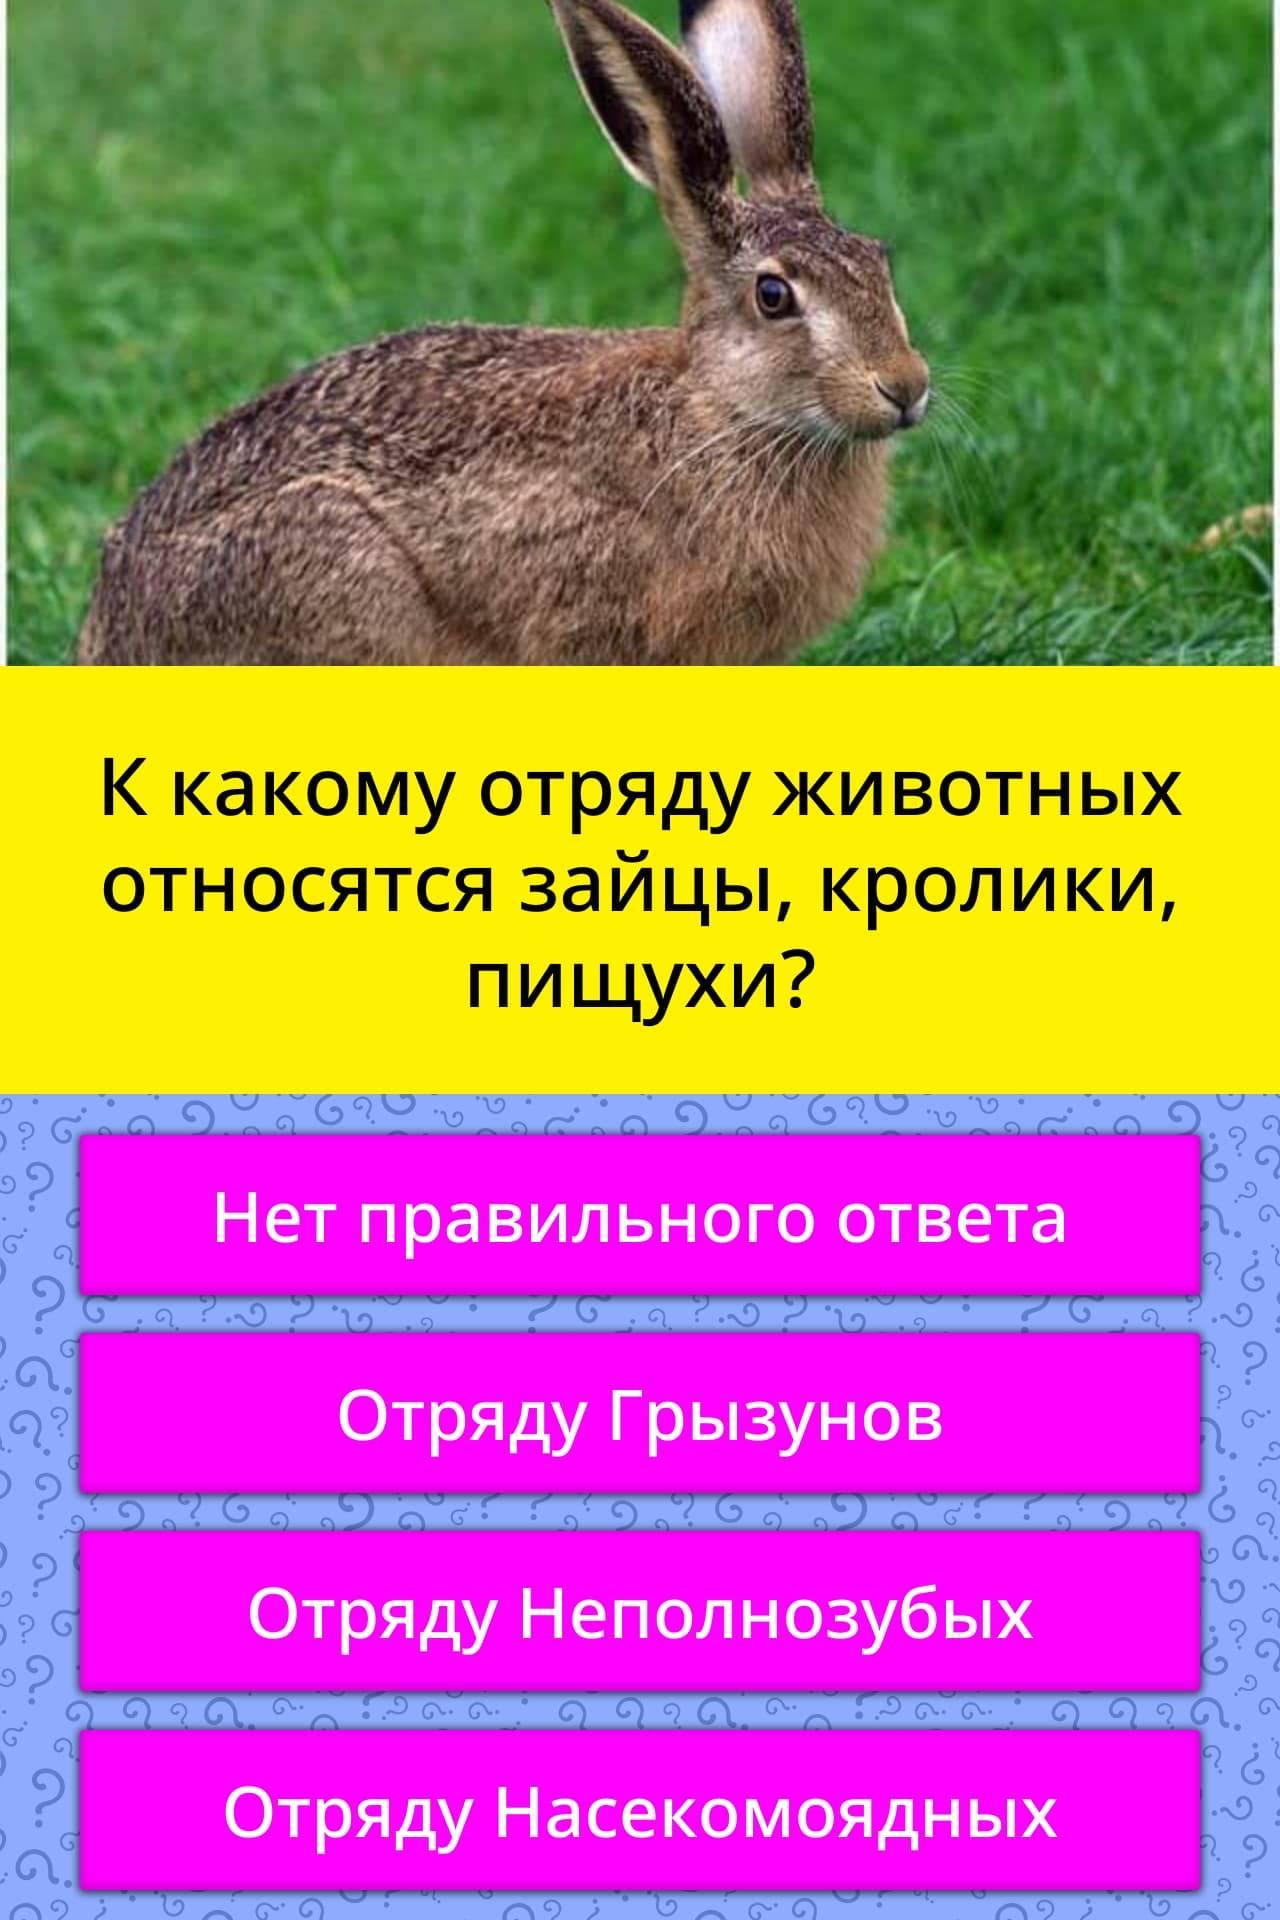 Полный список и описание самых маленьких пород декоративных кроликов